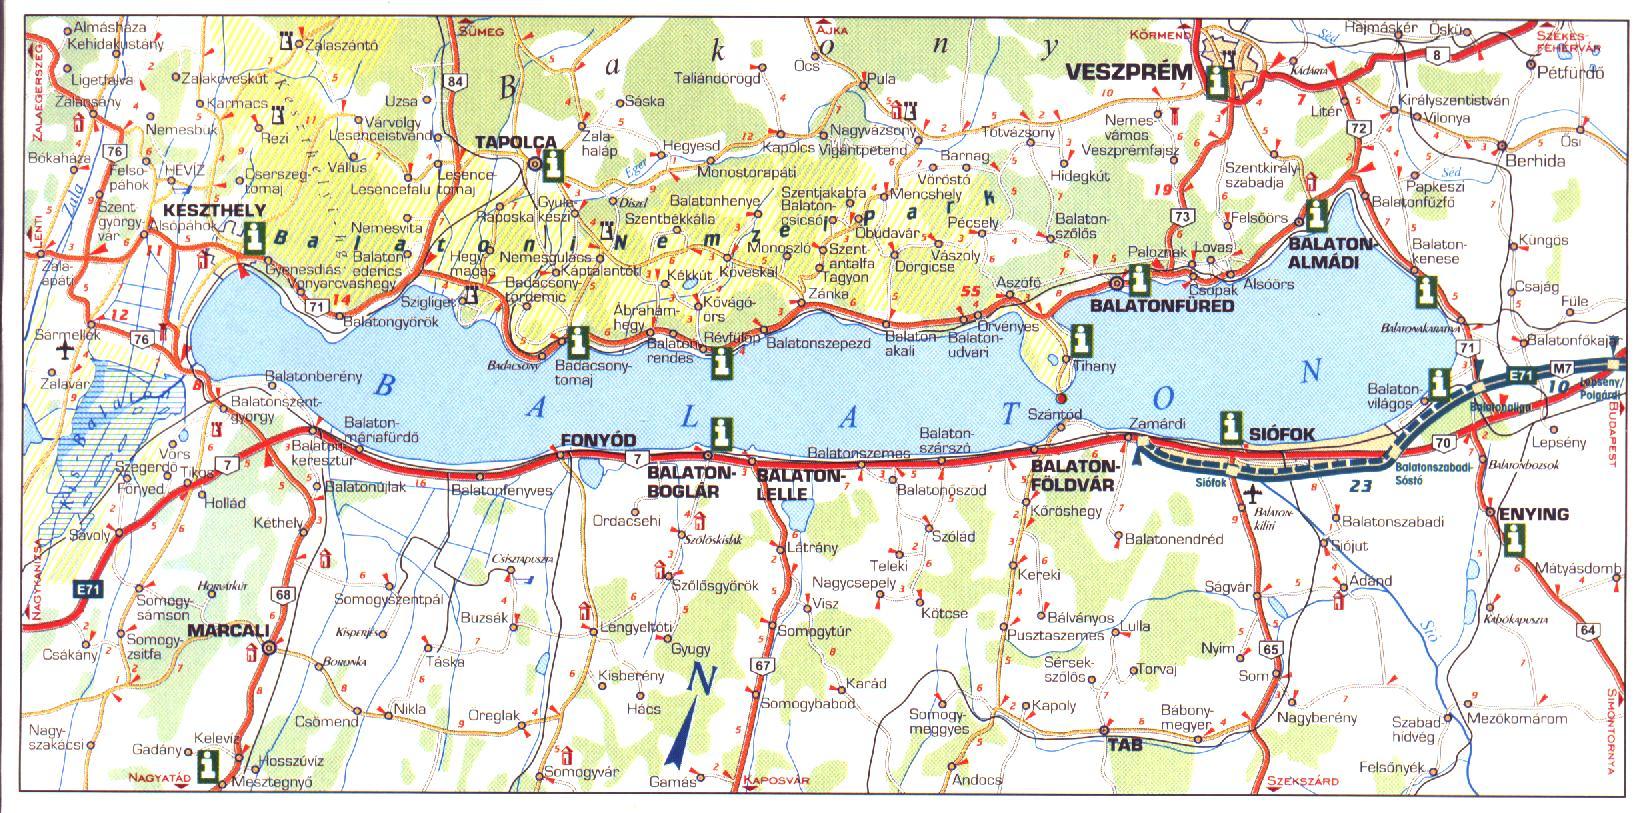 balaton térkép vonyarcvashegy Vonyarcvashegy weboldala balaton térkép vonyarcvashegy